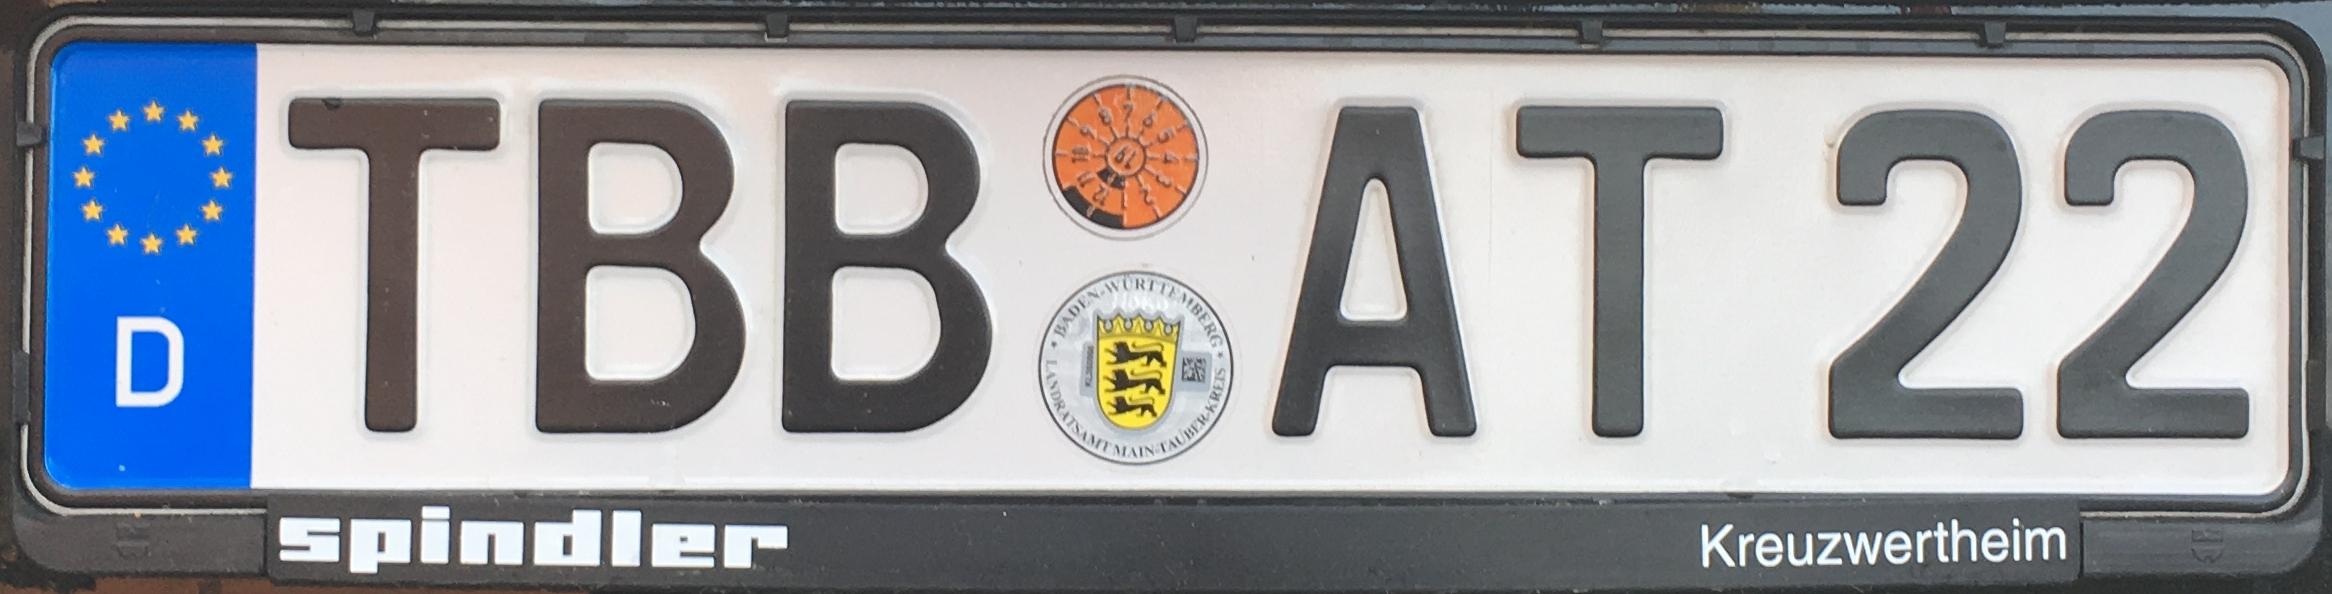 Registrační značka Německo - TBB - Tauberbischofsheim, foto: podalnici.cz